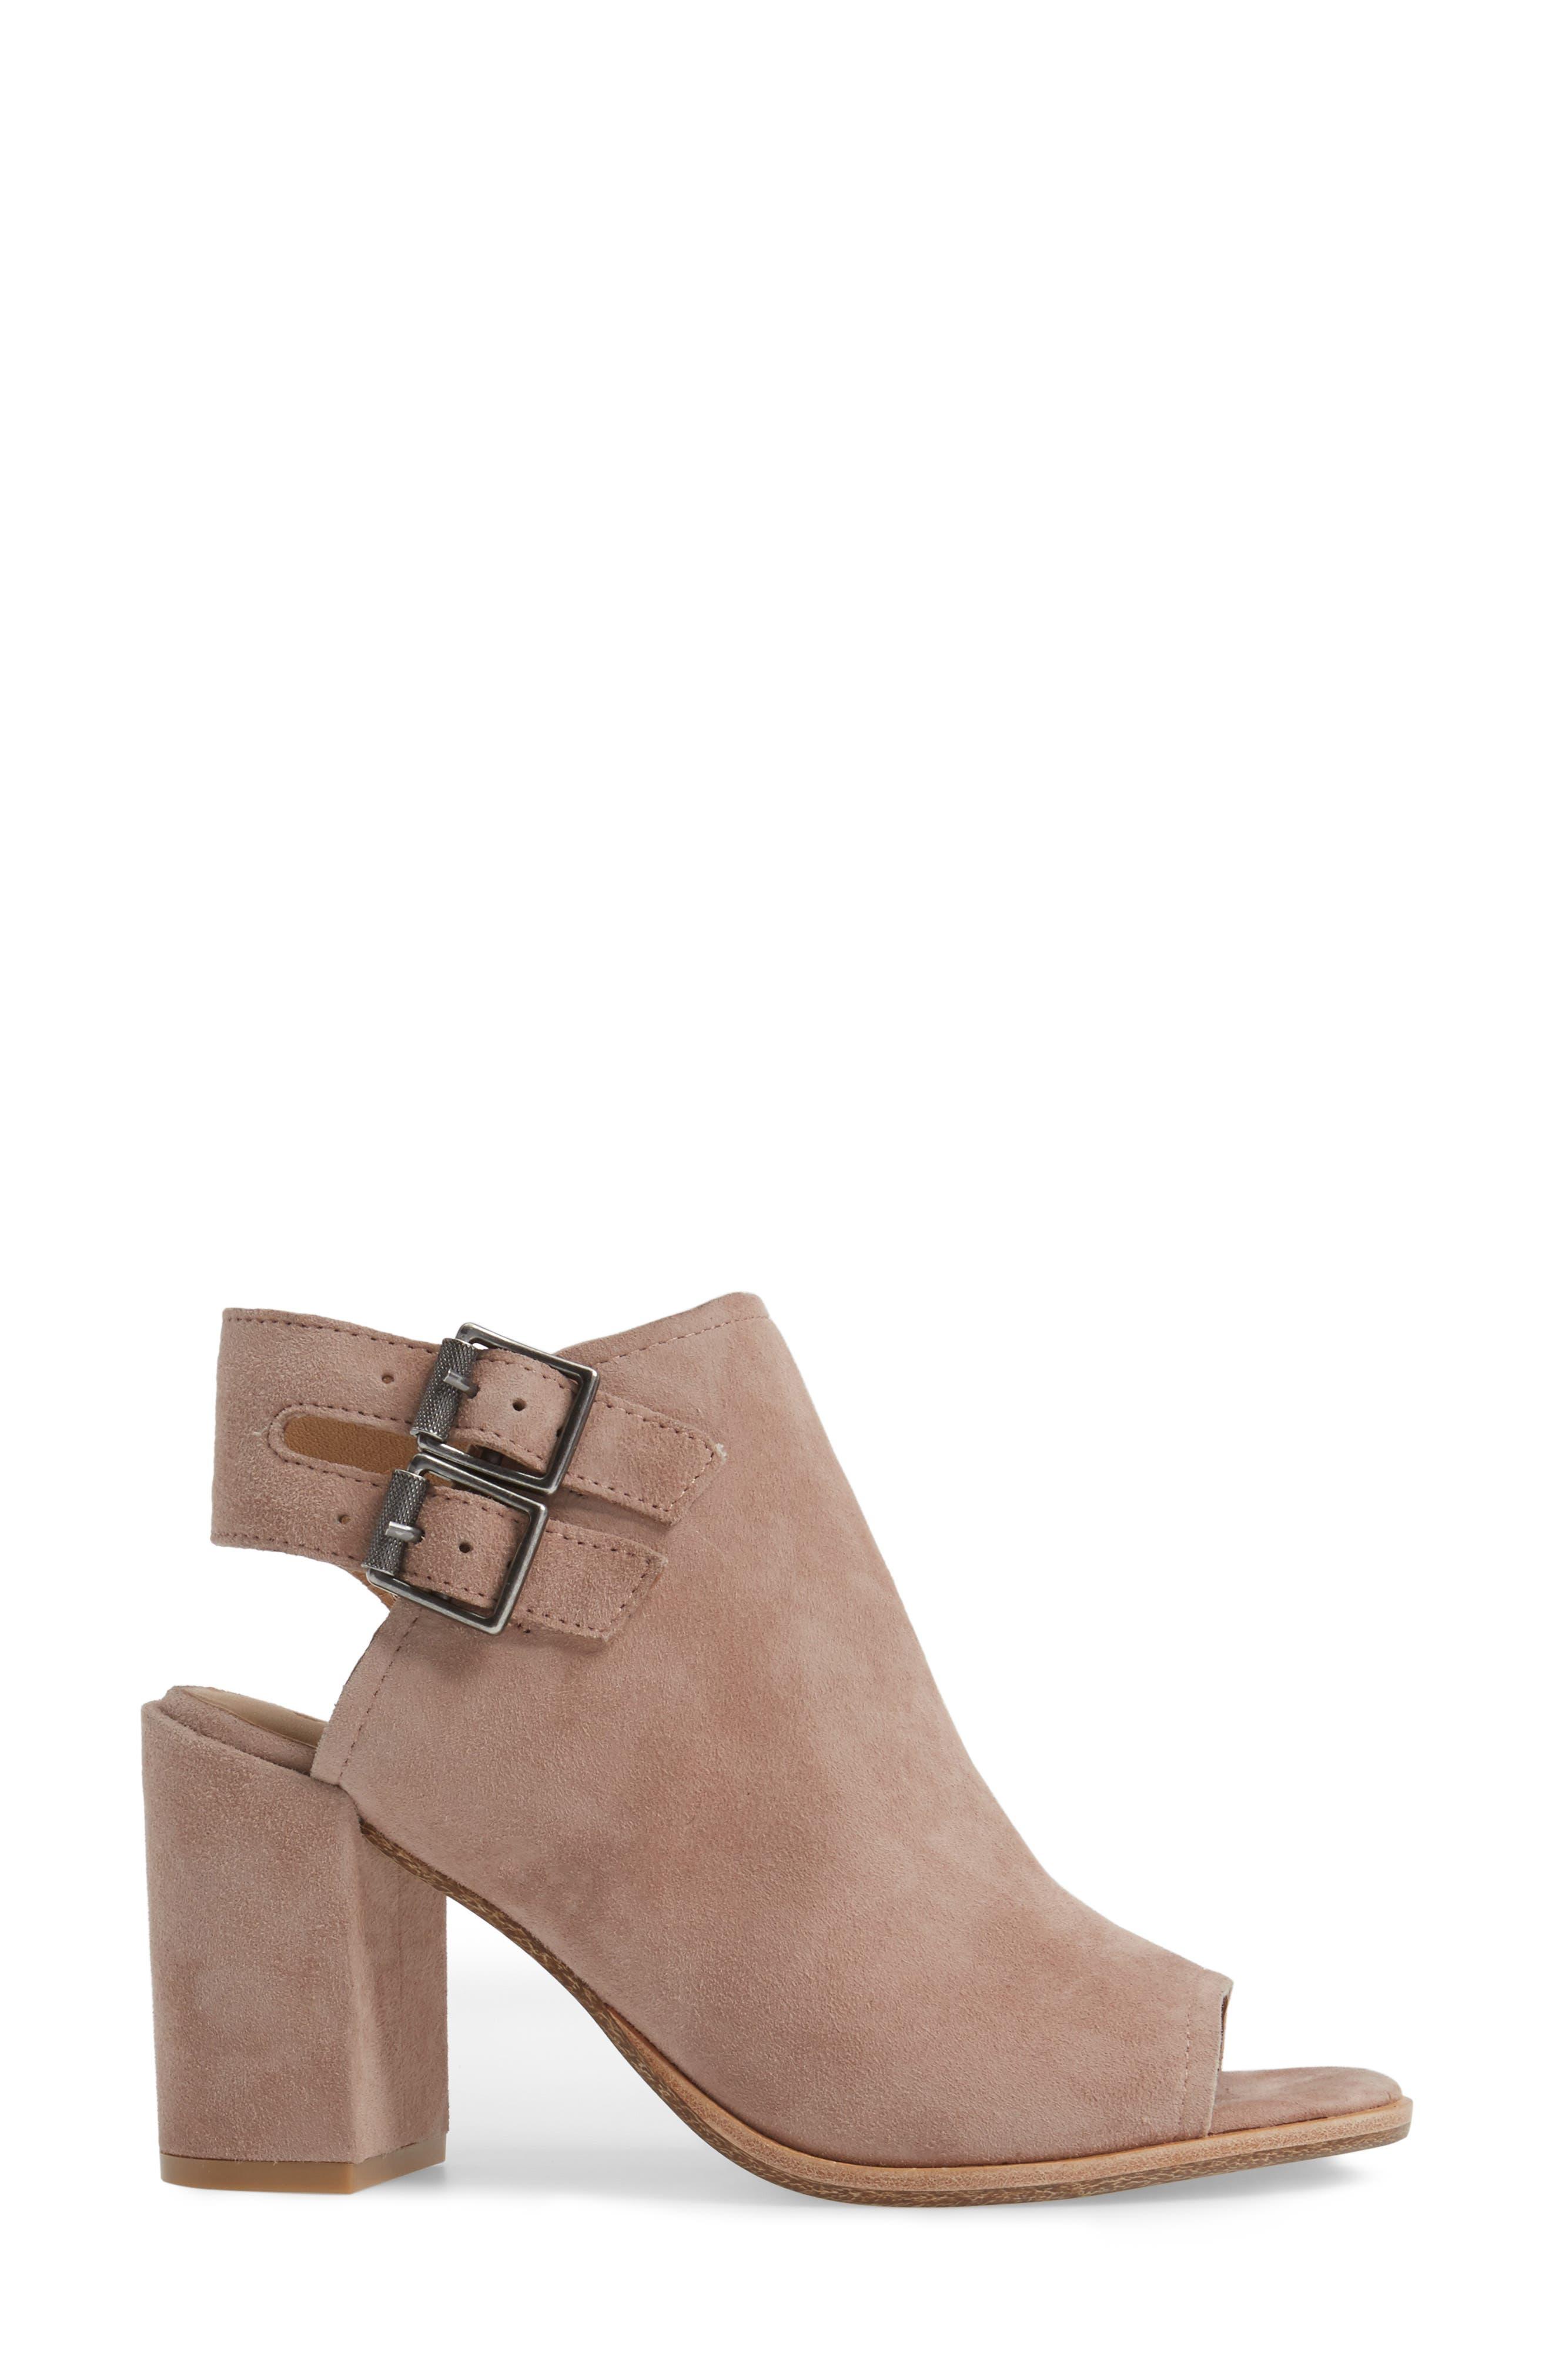 Alternate Image 3  - Mercer Edit MelittleL8 Block Heel Sandal (Women)